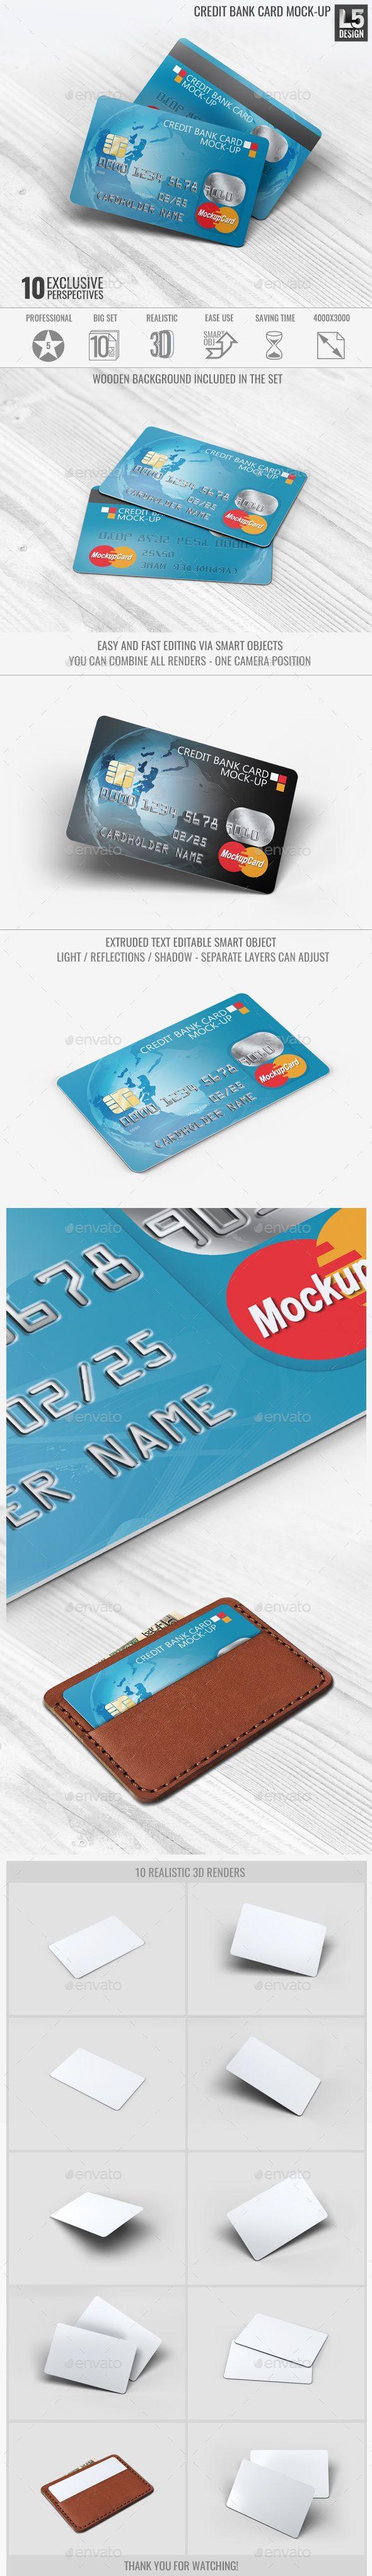 Credit Bank Card Mock-Up. Download here: http://graphicriver.net/item/credit-bank-card-mockup/15728933?ref=ksioks